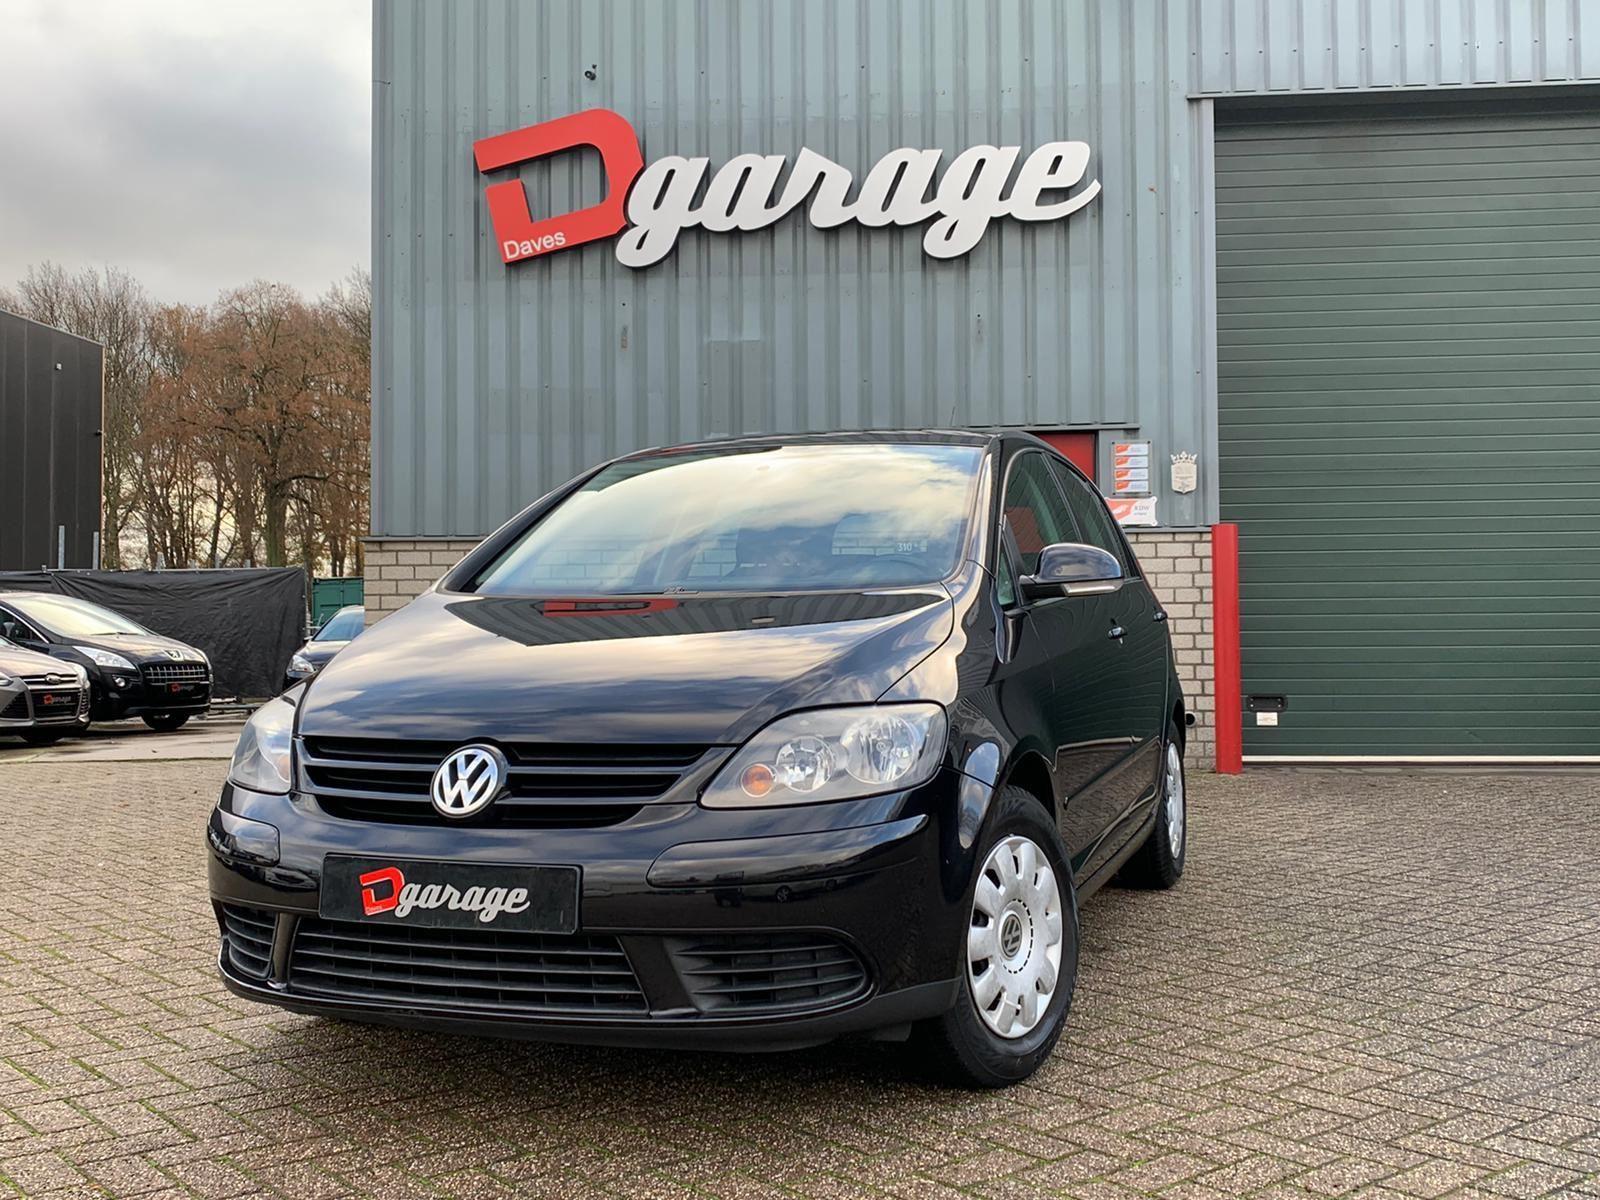 Volkswagen Golf Plus occasion - Dave's Garage